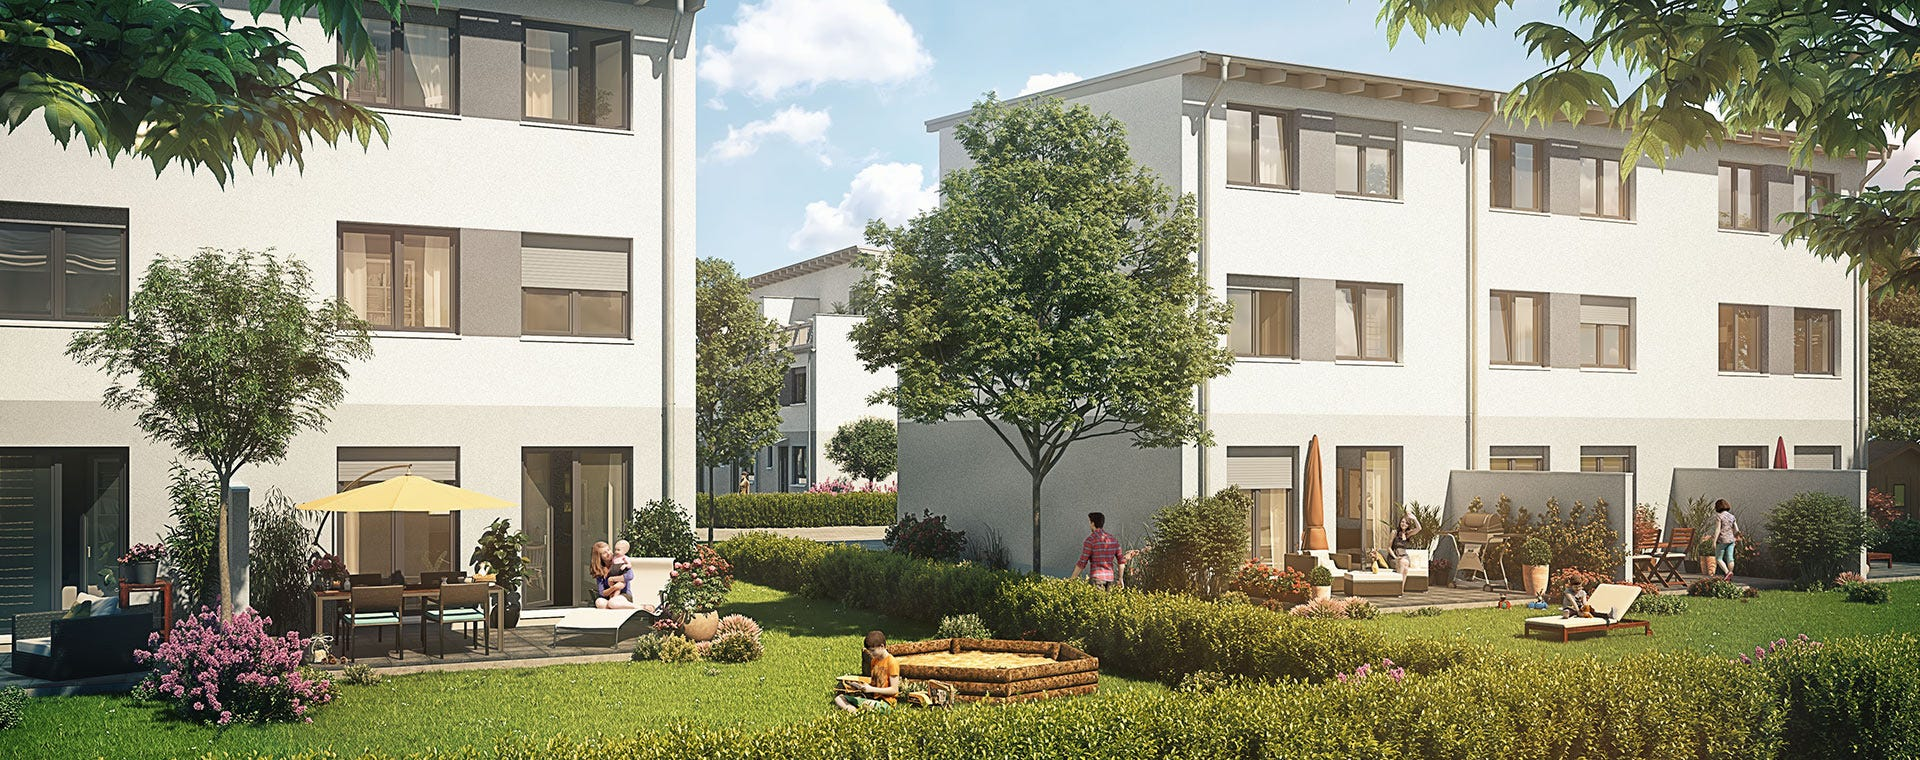 Immobilien Leipzig Bonava